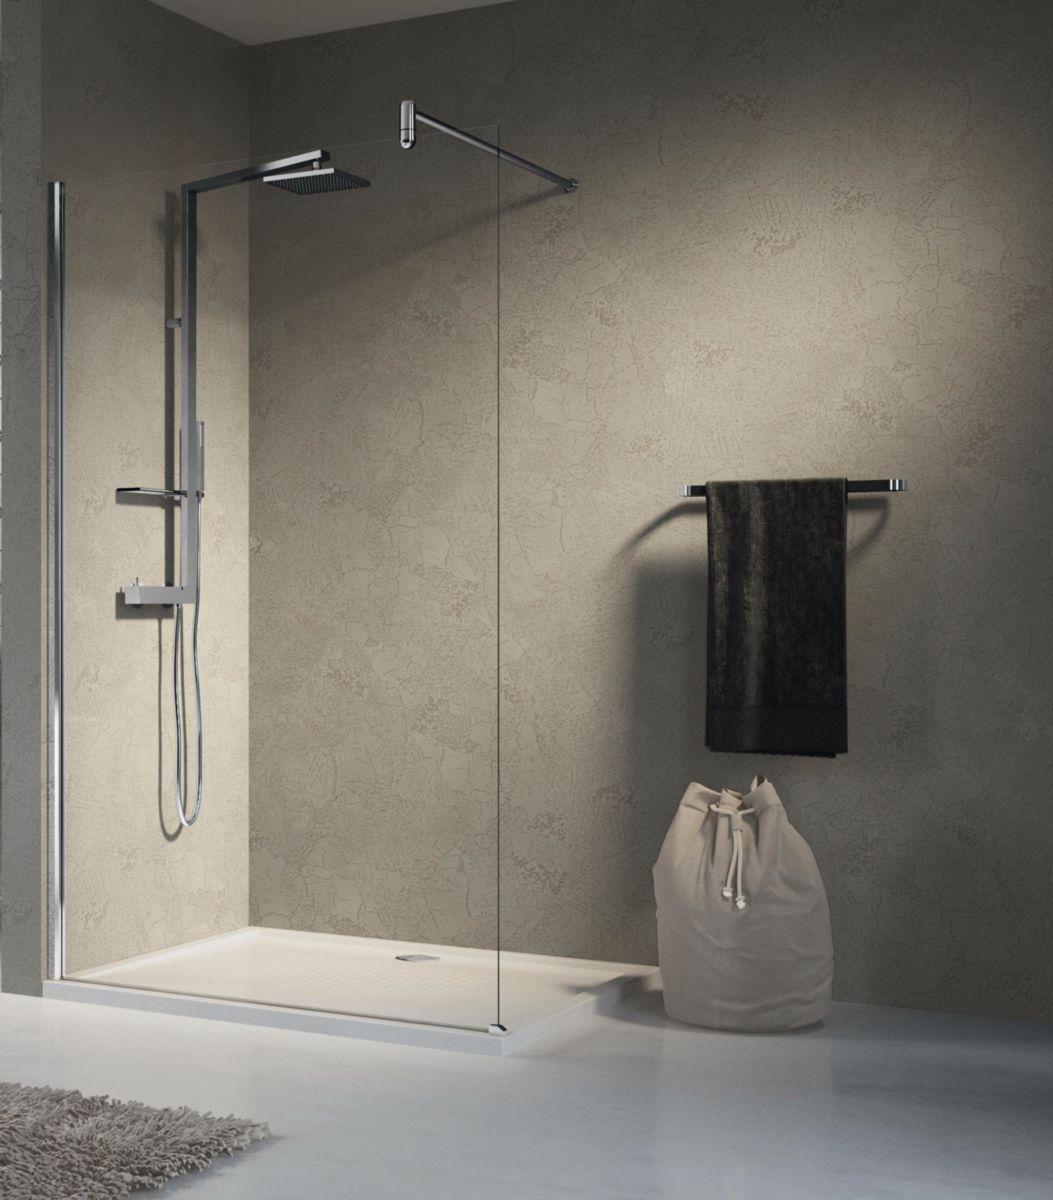 De douche affordable robinets de douche with de douche interesting foto van een kamer foto van - Kamer van bian ...